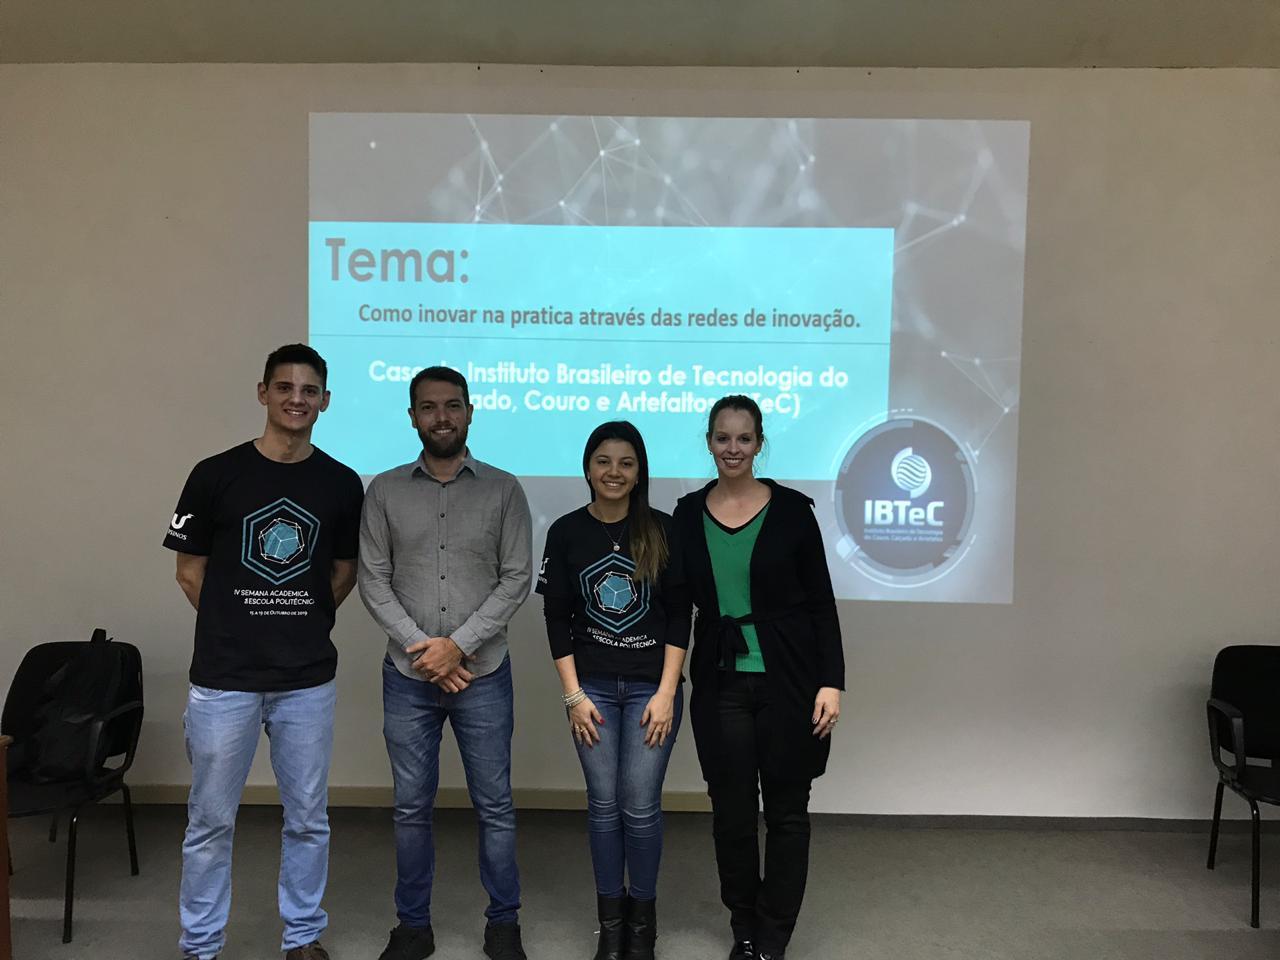 IBTeC apresentou seu case de inovação na Semana Acadêmica da Escola Politécnica da Unisinos